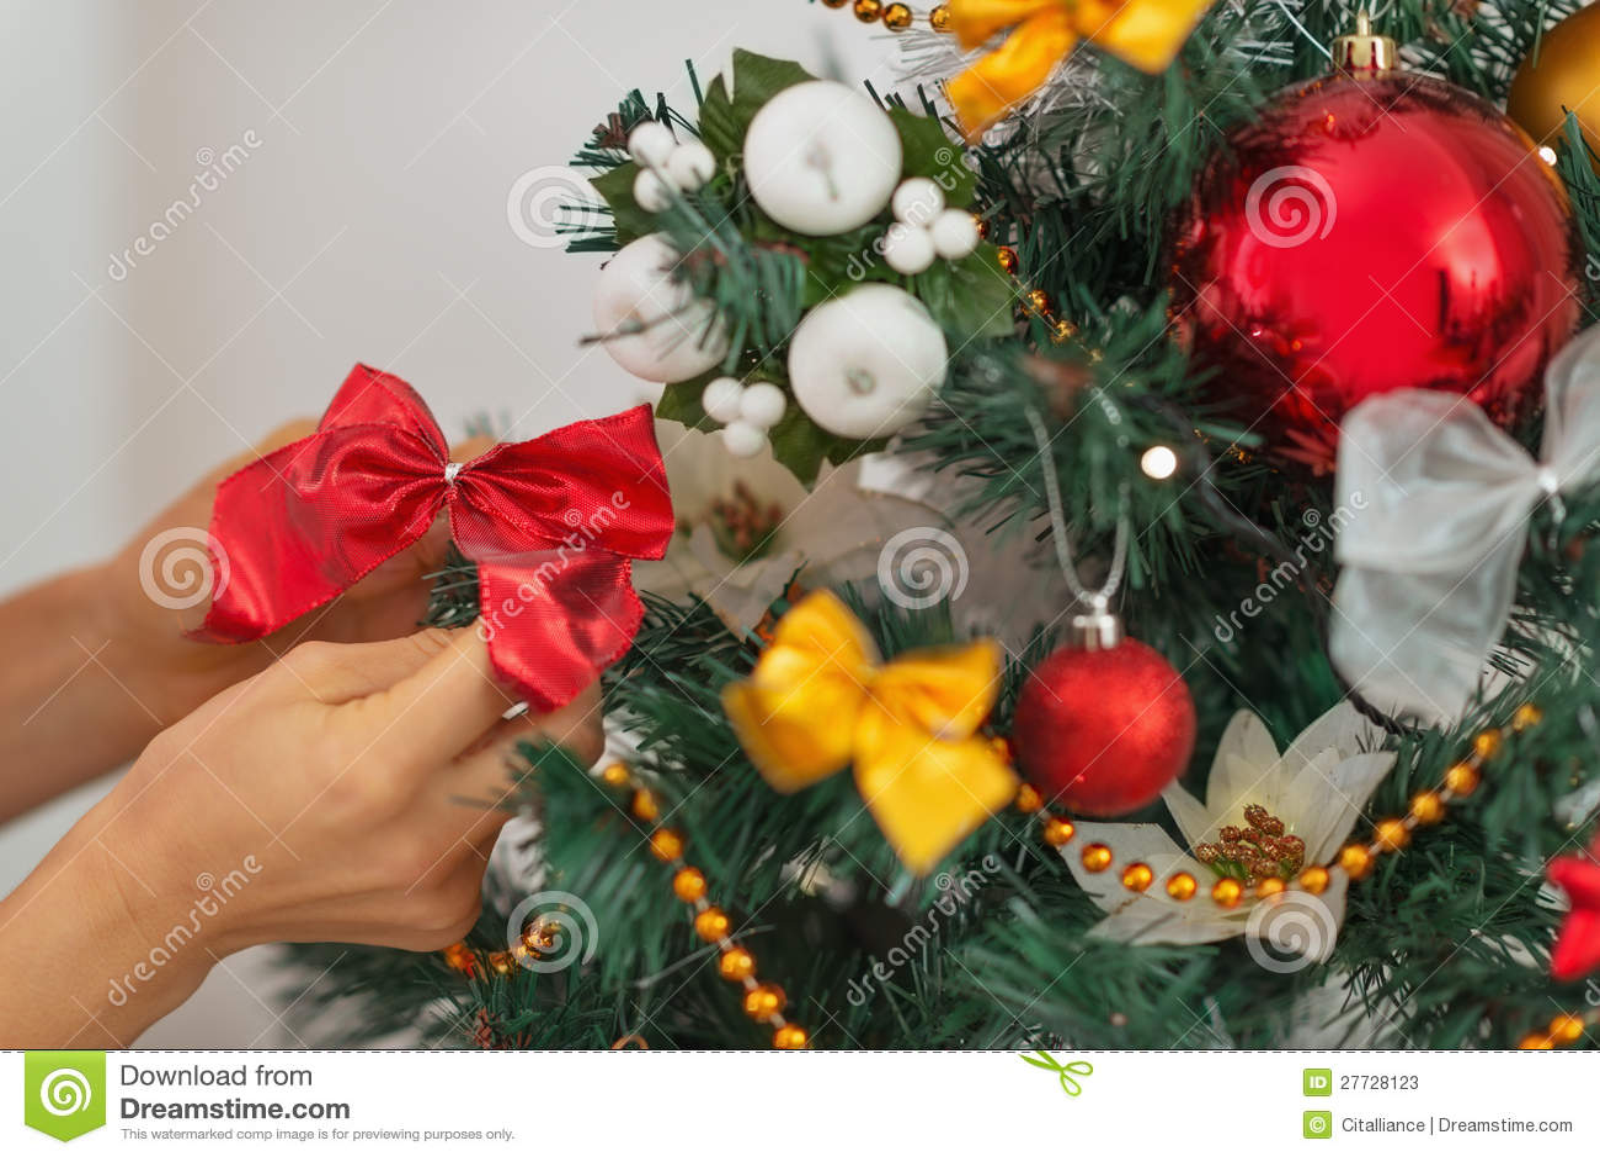 Nahaufnahme auf der Frauenhand, die Weihnachtsbaum verziert